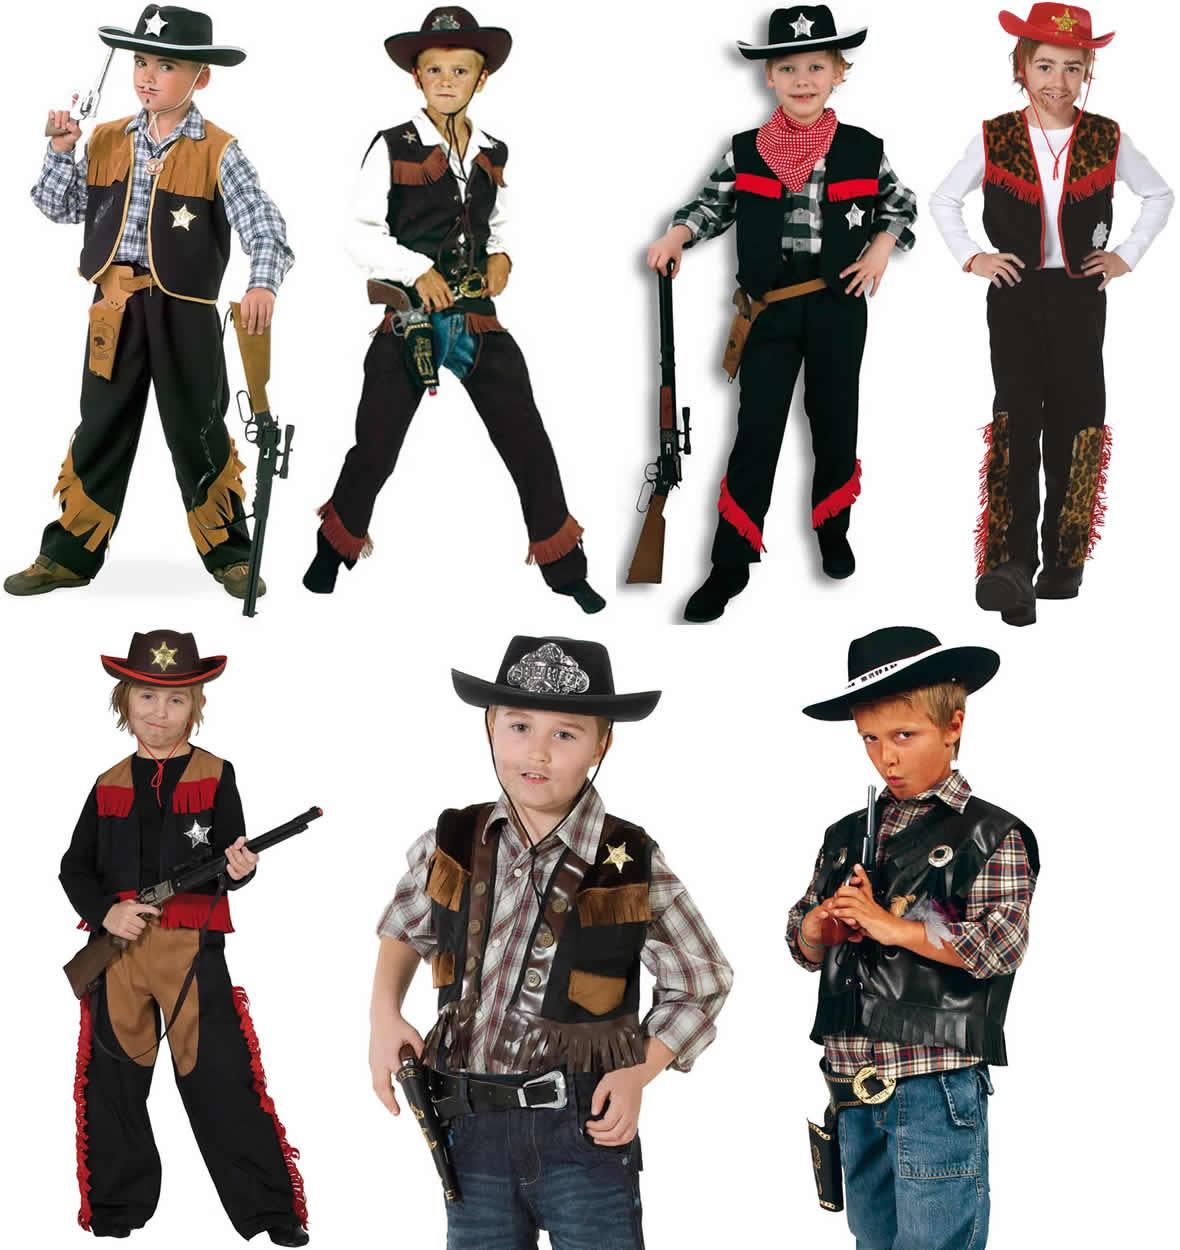 cowboy cowboyweste weste kinder karneval fasching kost m 104 152 ebay. Black Bedroom Furniture Sets. Home Design Ideas